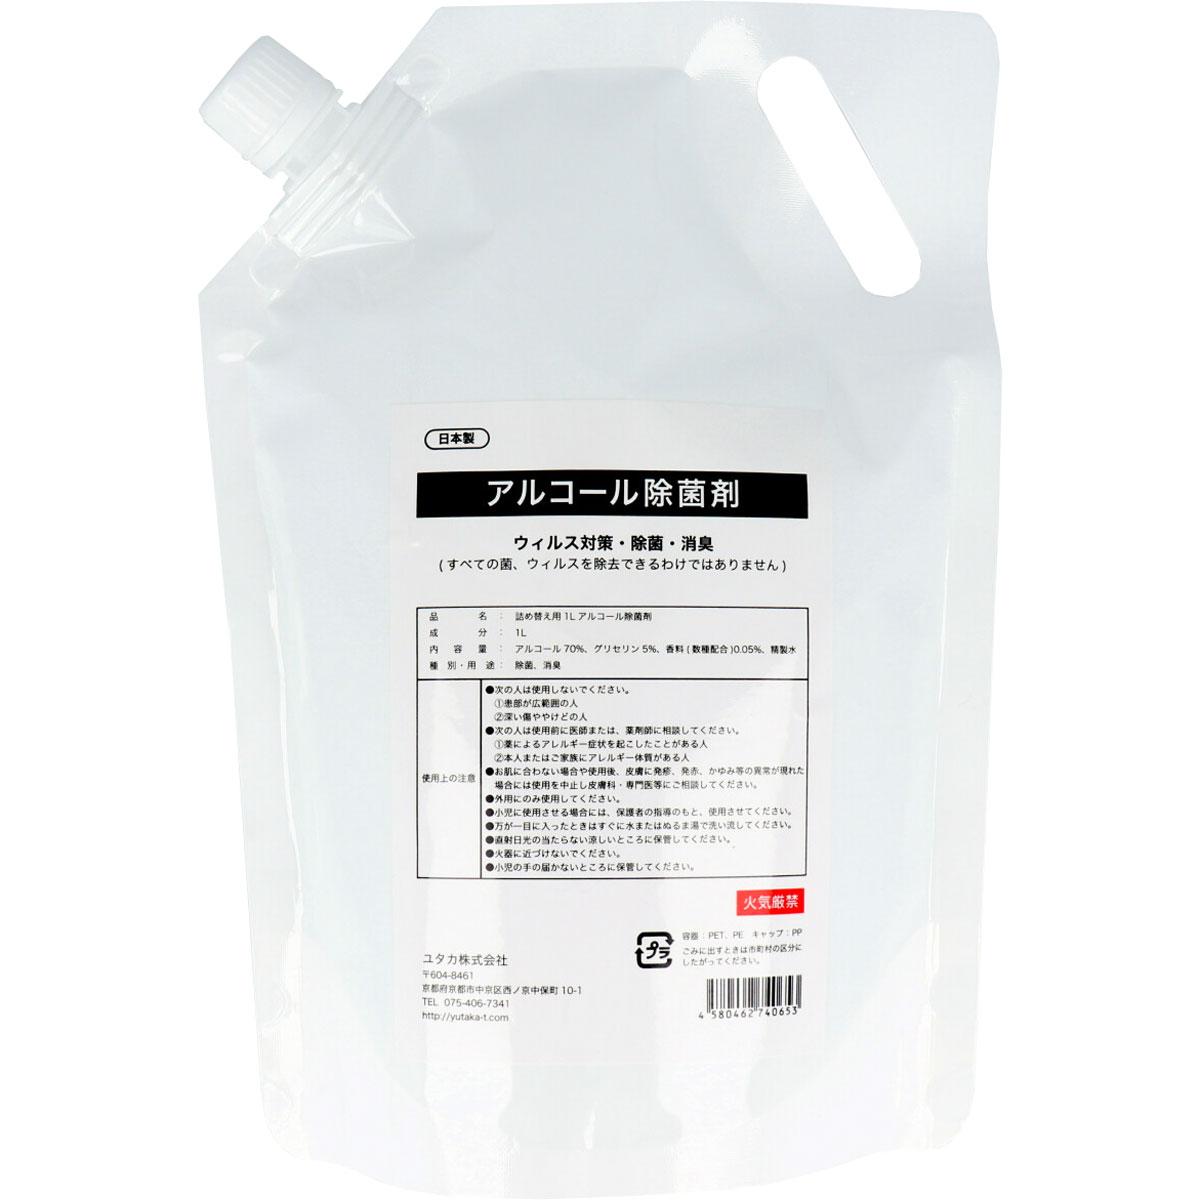 日本製アルコール濃度70%以上 様々な場所の衛生管理に セール品 日本未発売 アルコール除菌剤詰替用1L